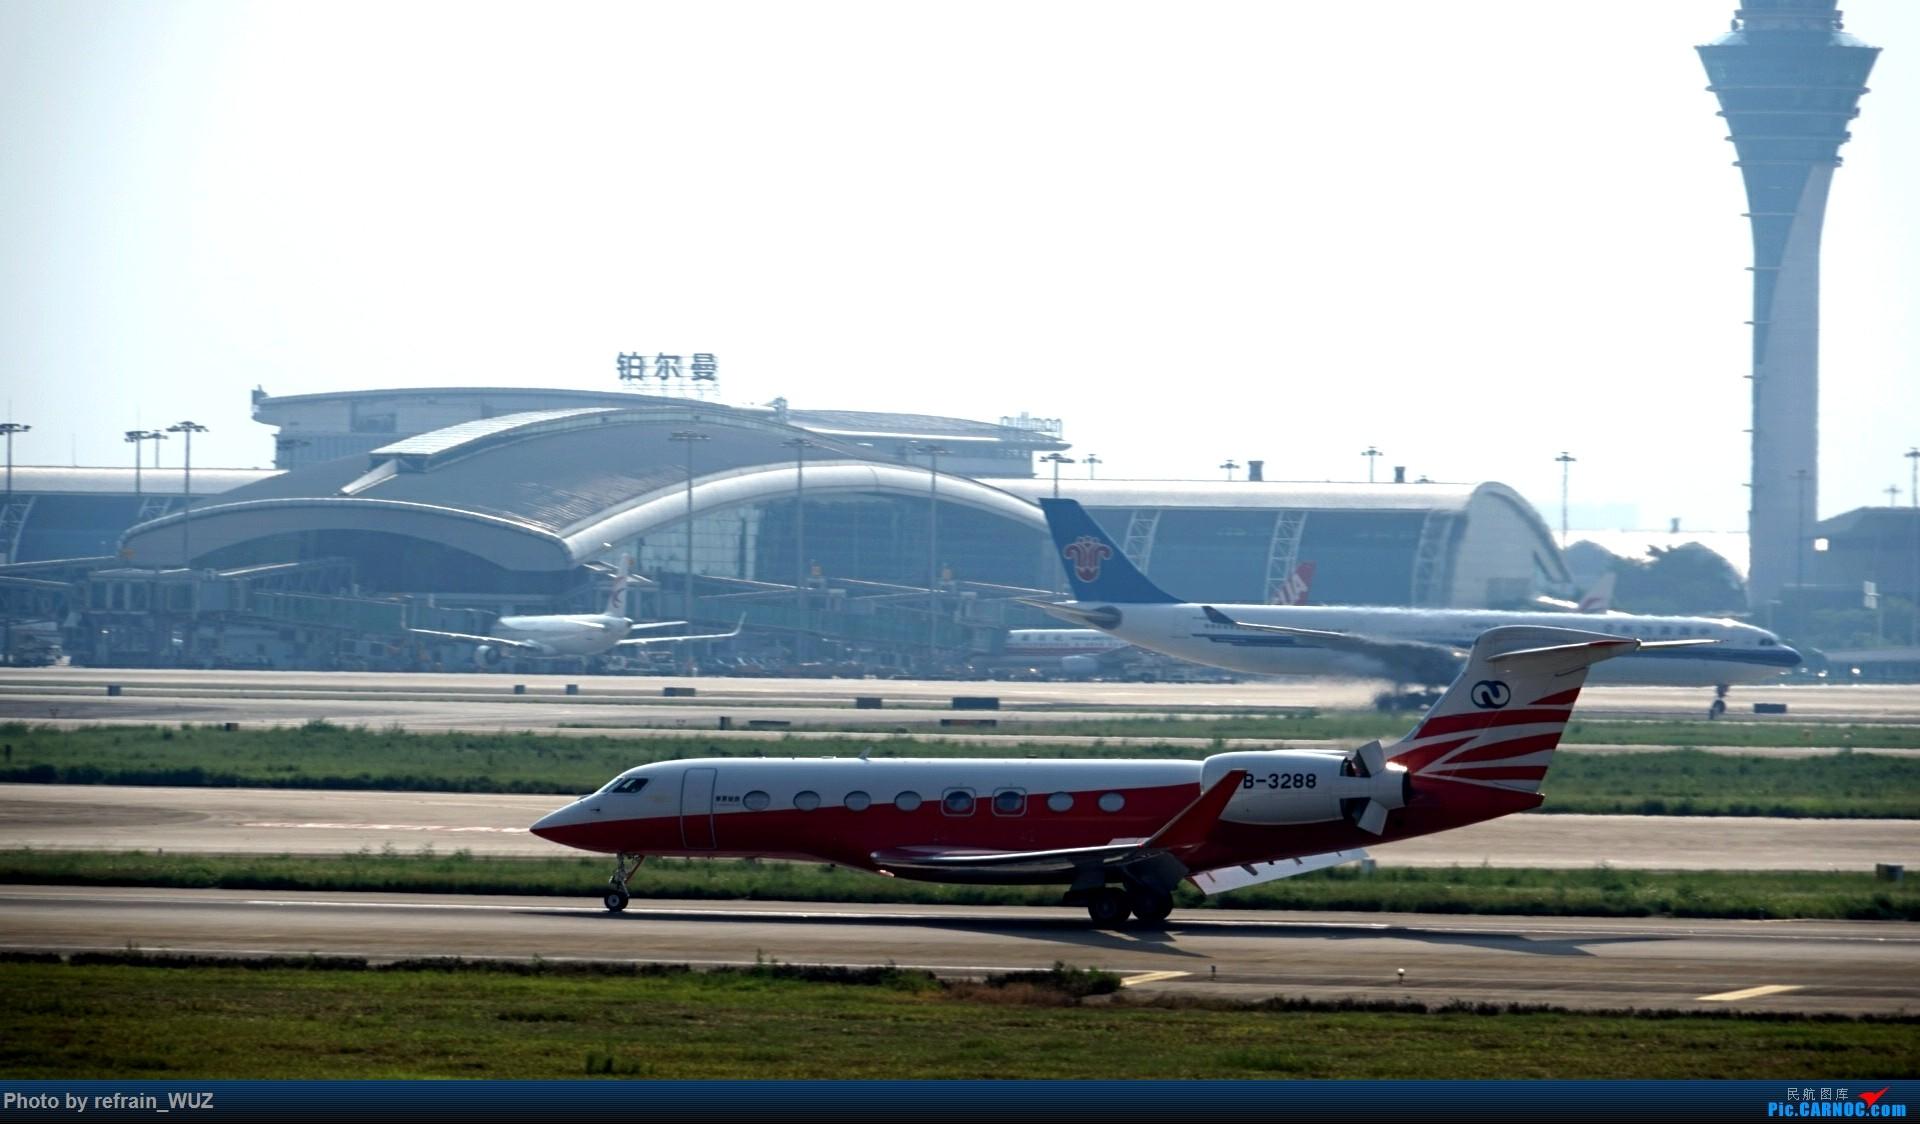 Re:[原创]CAN白云打机,全部系大嘢,最长的最粗的都有了! GULFSTREAM G650 B-3288 中国广州白云国际机场